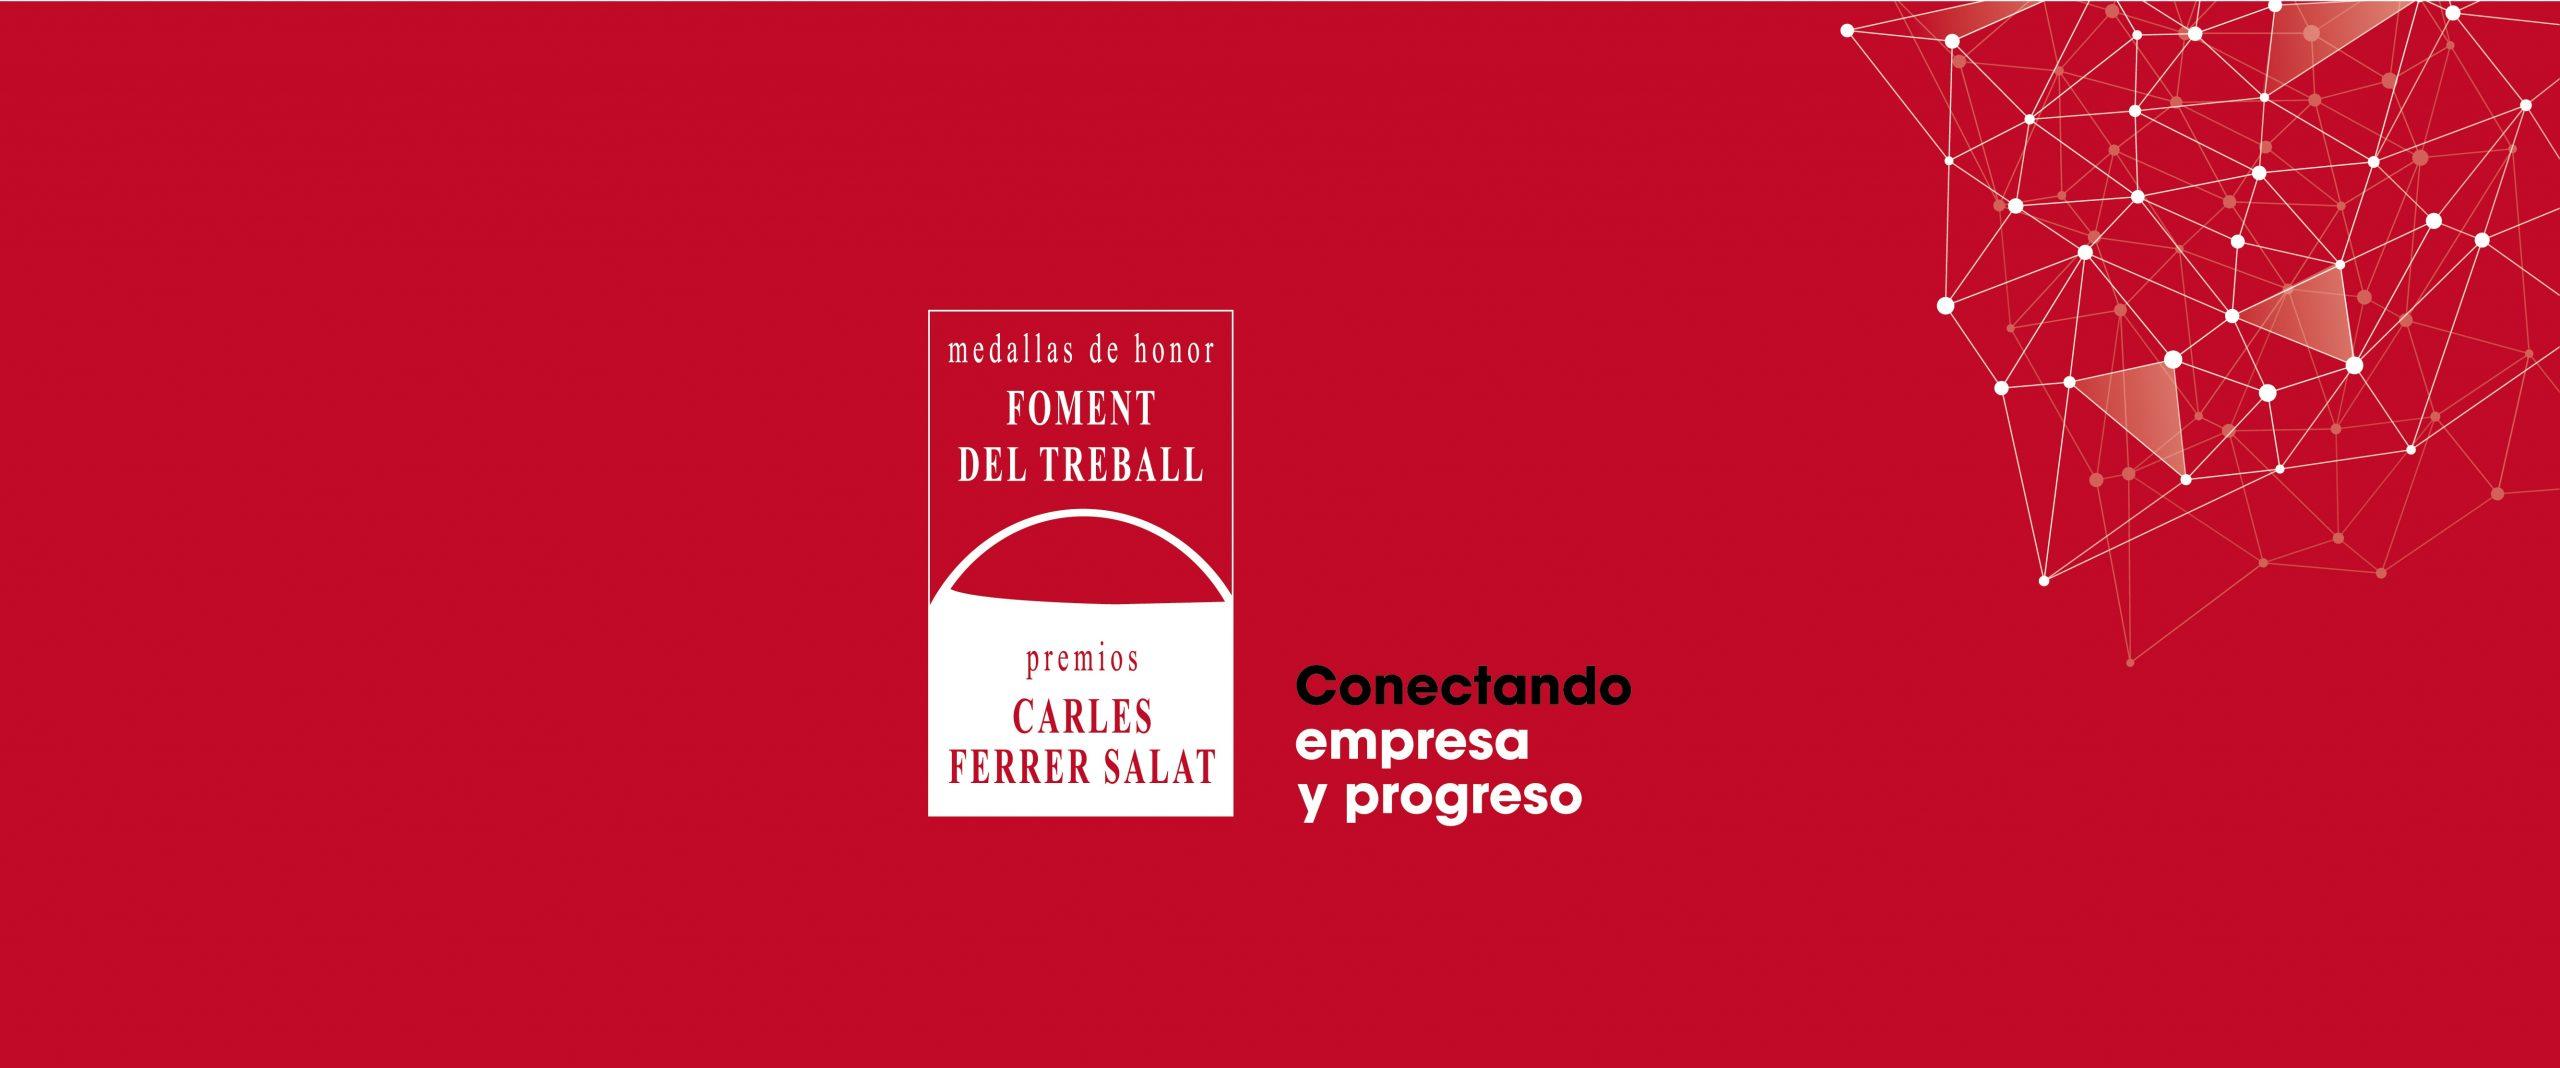 """Streaming de la entrega de las Medallas de Honor 2020 y de los XIII Premios Carles Ferrer Salat: """"Connectant empresa i progrés"""""""